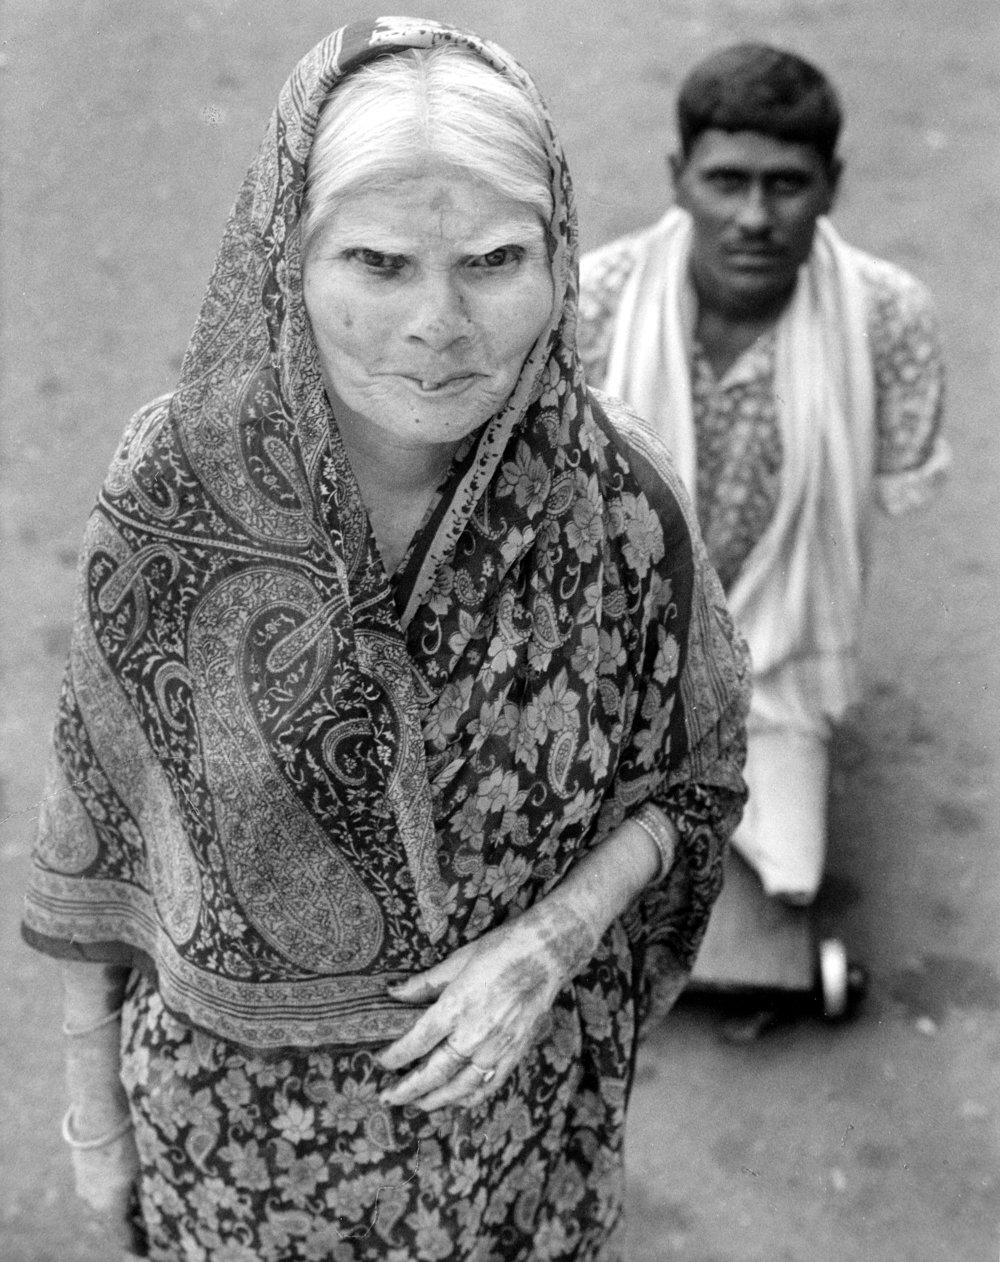 Beggars_Goa 10.54.36.jpg